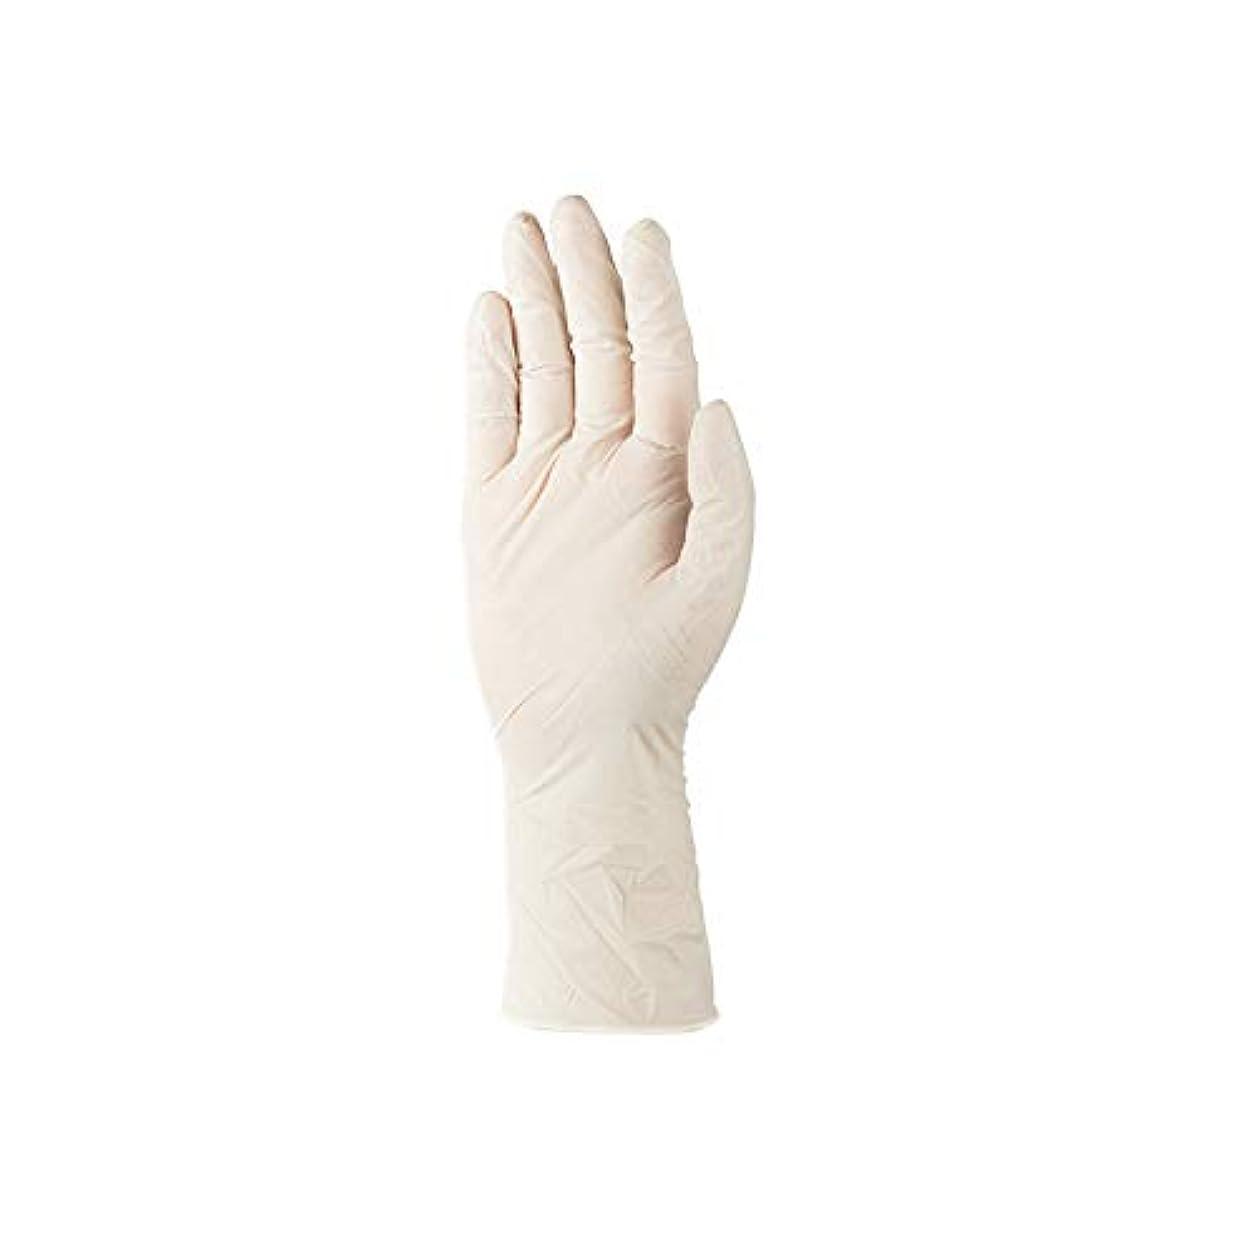 ジャム耕すボアニトリルラテックス使い捨て手袋ゴム製病院用手袋厚くケータリング家事歯科,White#1232,XS